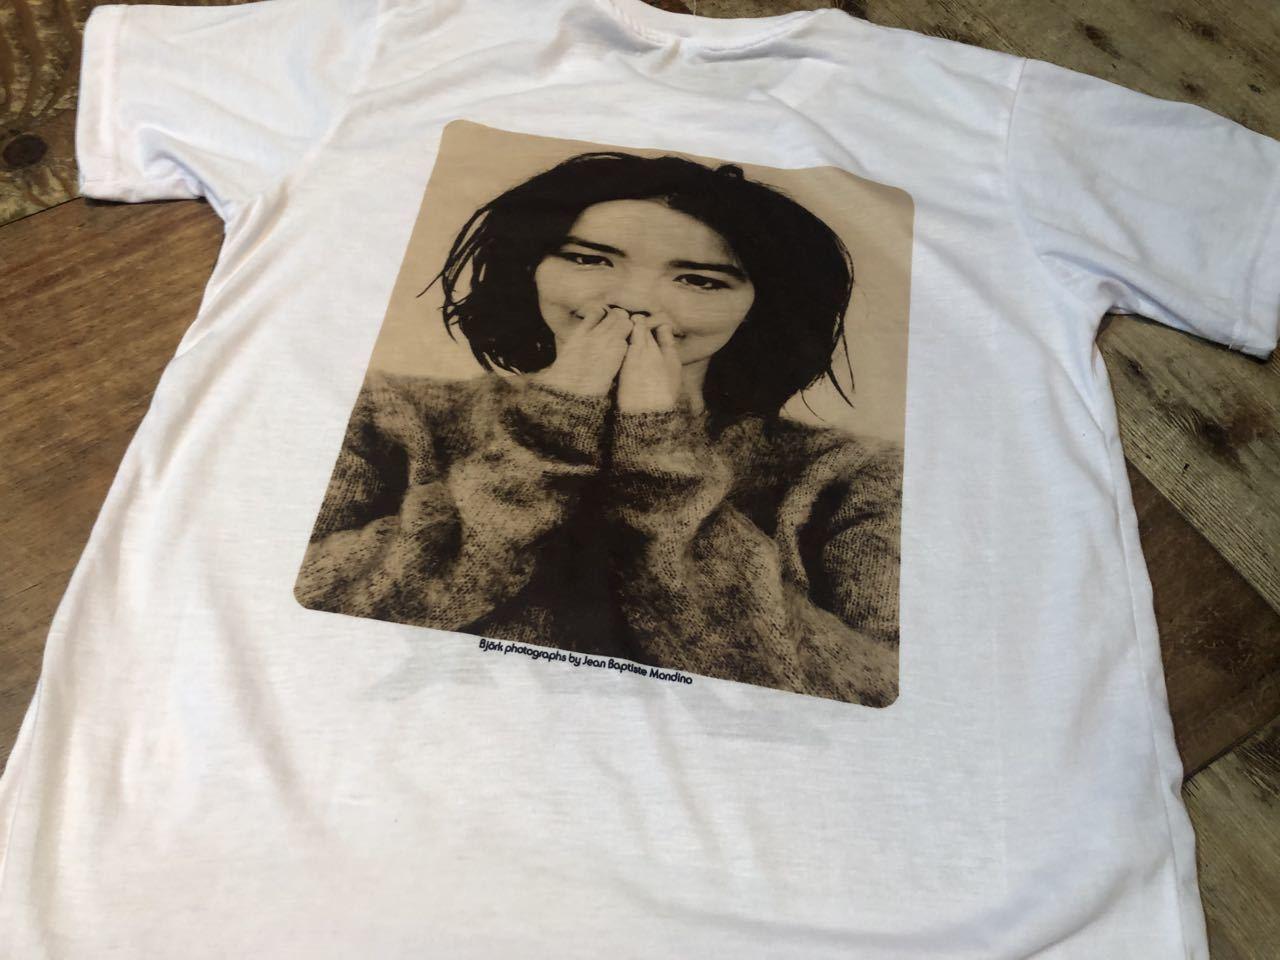 8月11日(火)入荷!ビョーク Björk Tシャツ!_c0144020_13055611.jpg